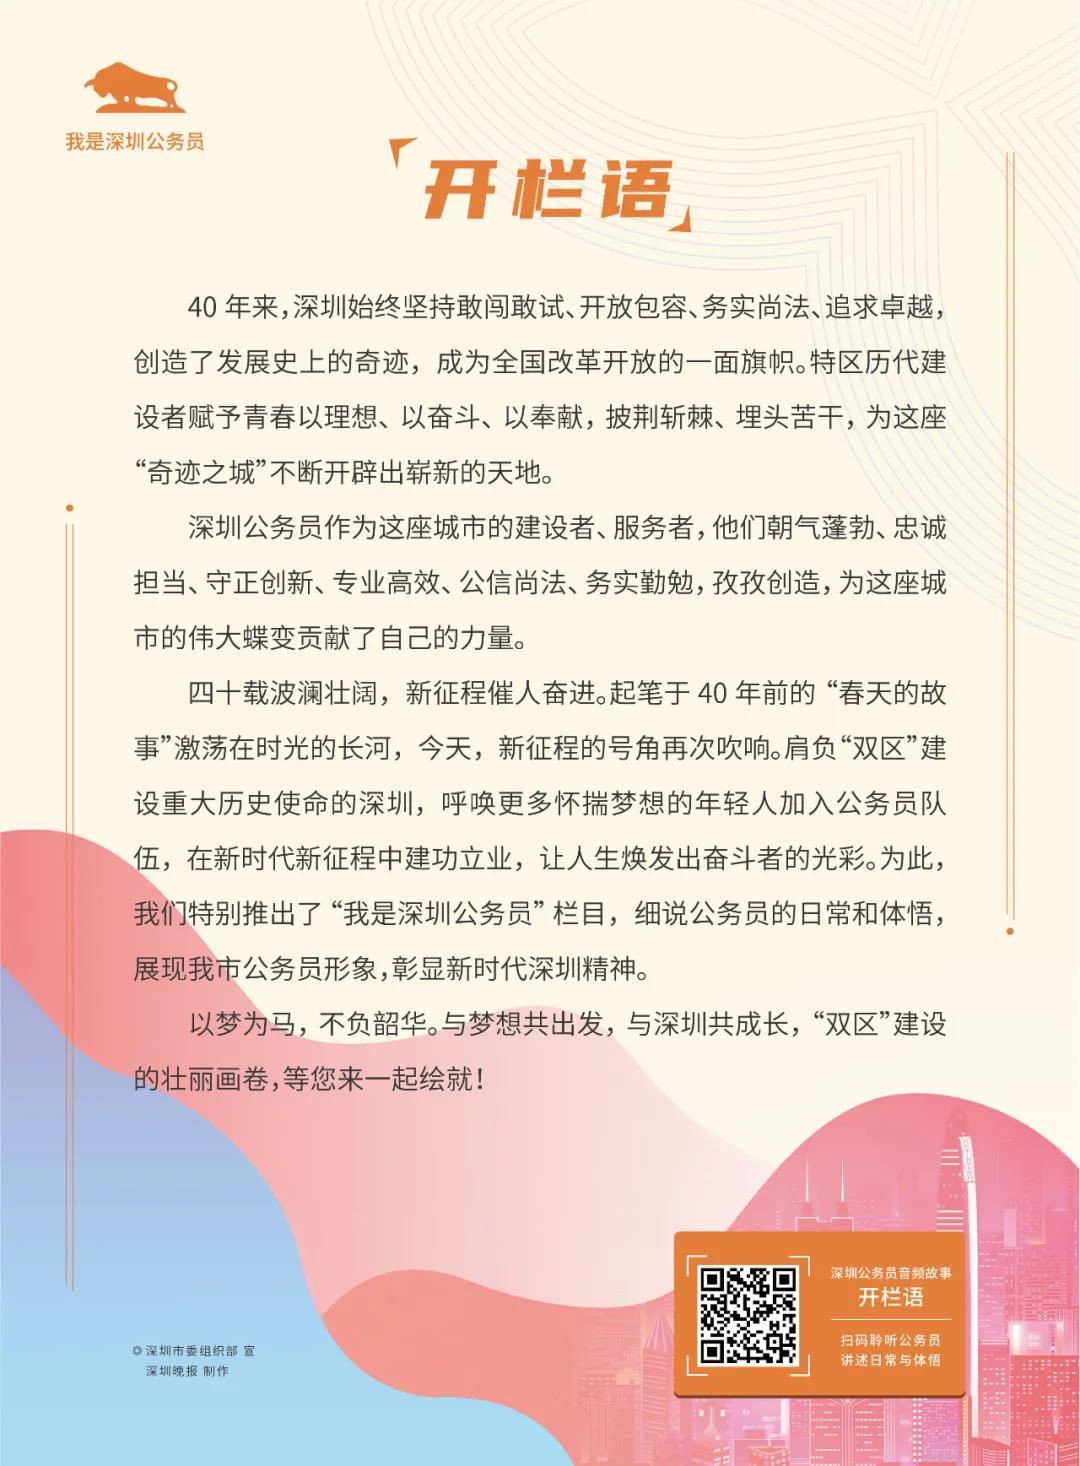 """""""我是深圳公务员""""栏目有声故事发布"""